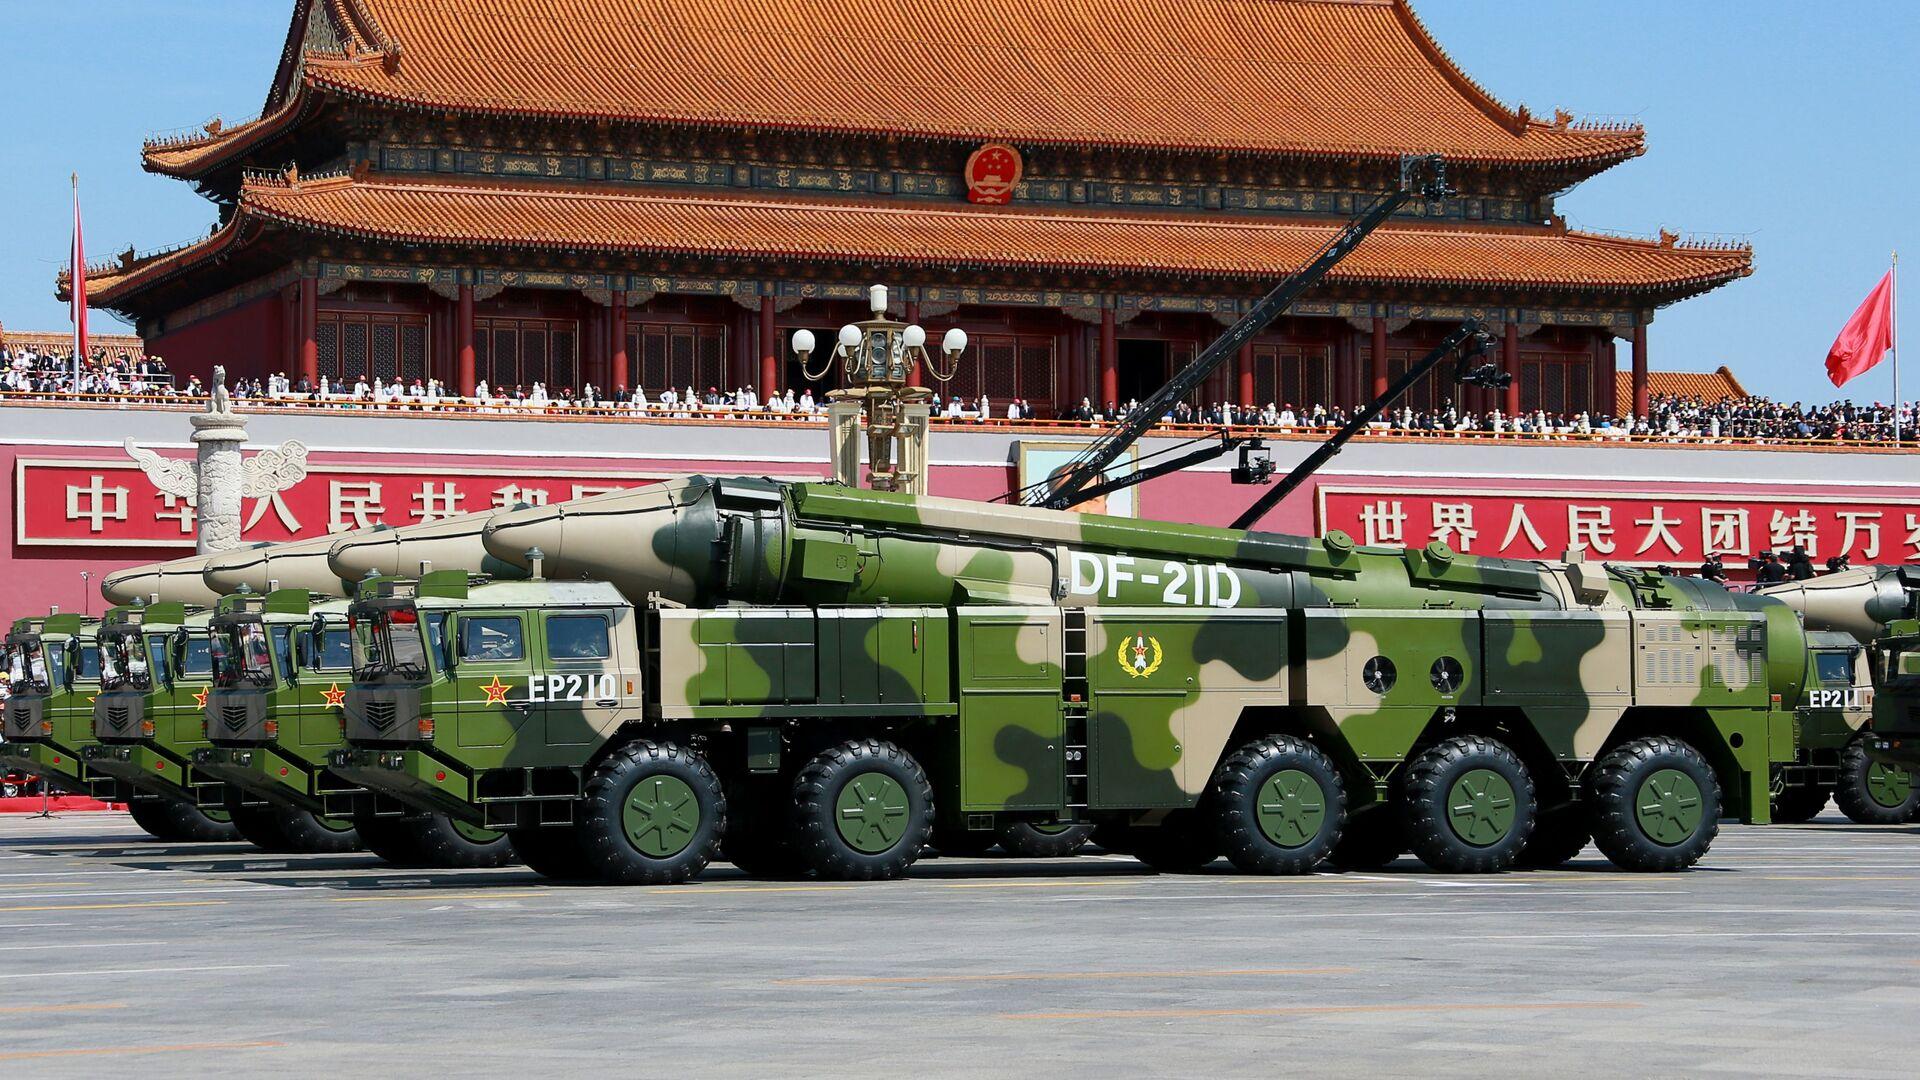 Kineski kopneni raketni sistemi sa protivraketnim balističkim raketama Donfeng 21 - Sputnik Srbija, 1920, 21.08.2021